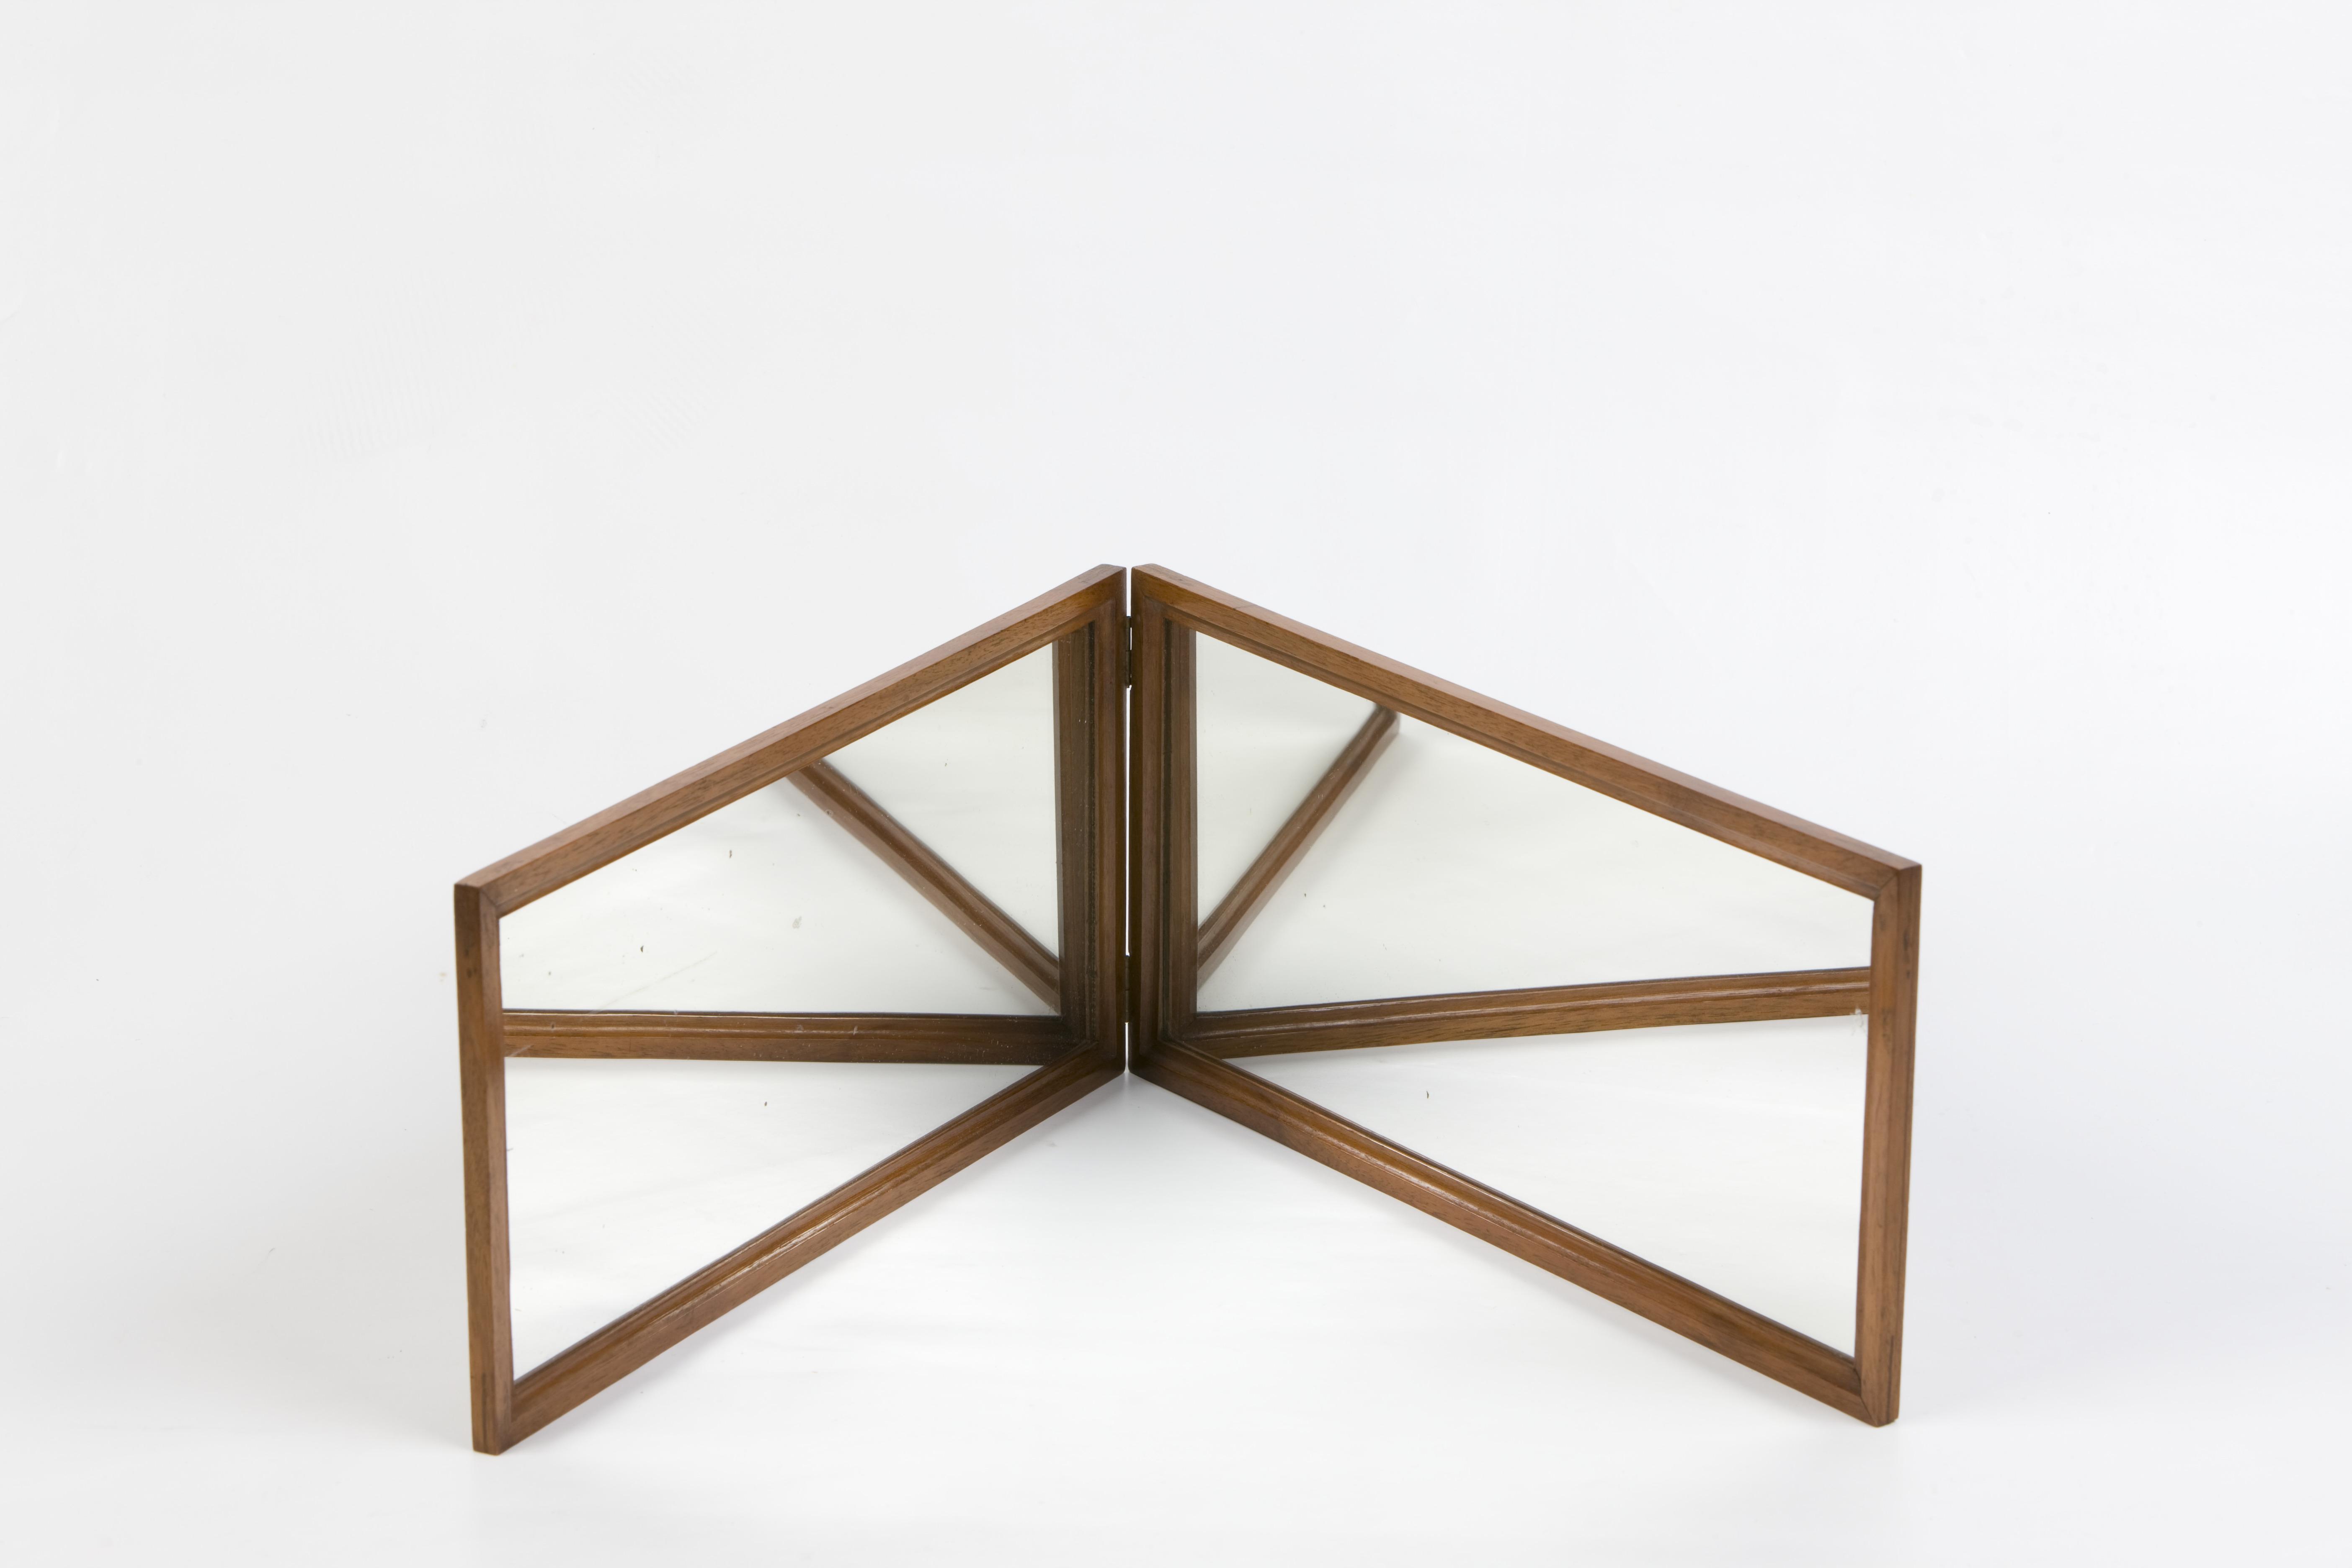 4- Coppia di specchi piani ad angolo variabile